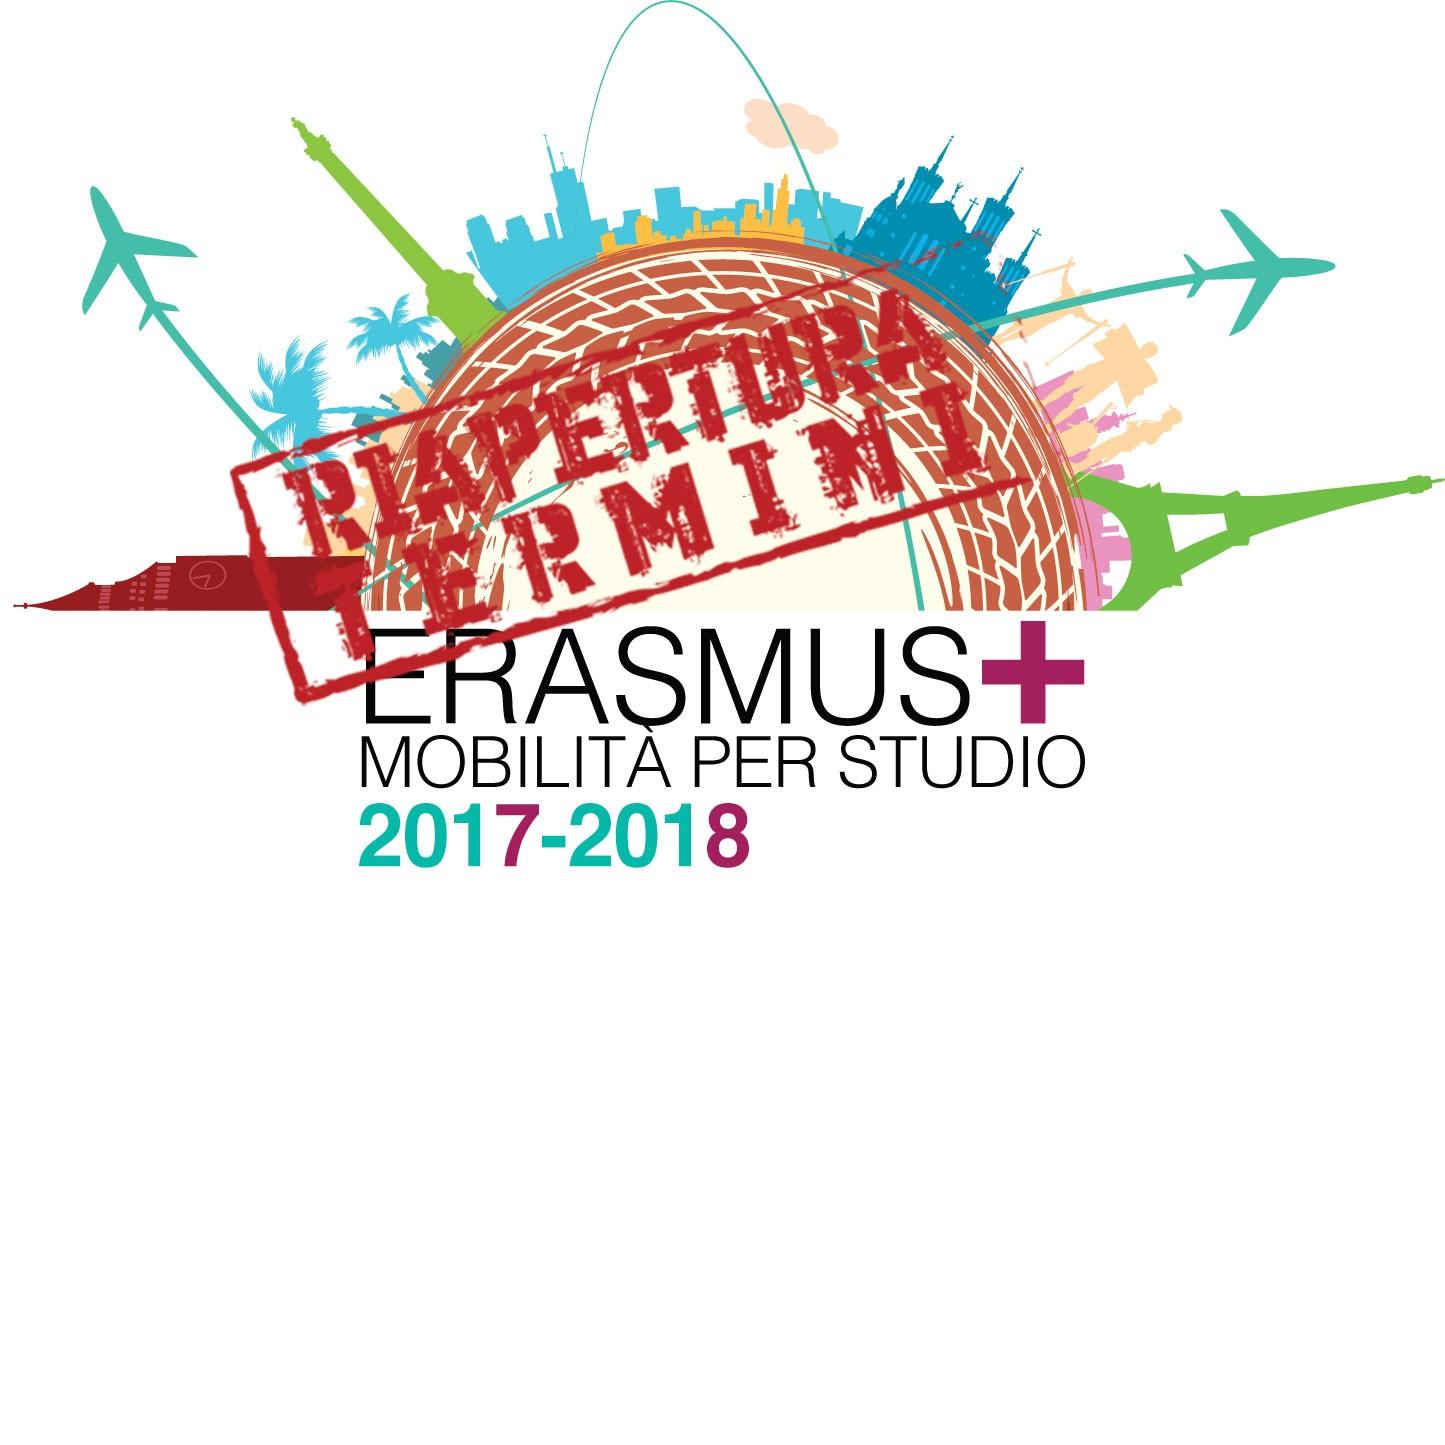 BANDO ERASMUS+ STUDIO 2017/2018 – RIAPERTURA TERMINI